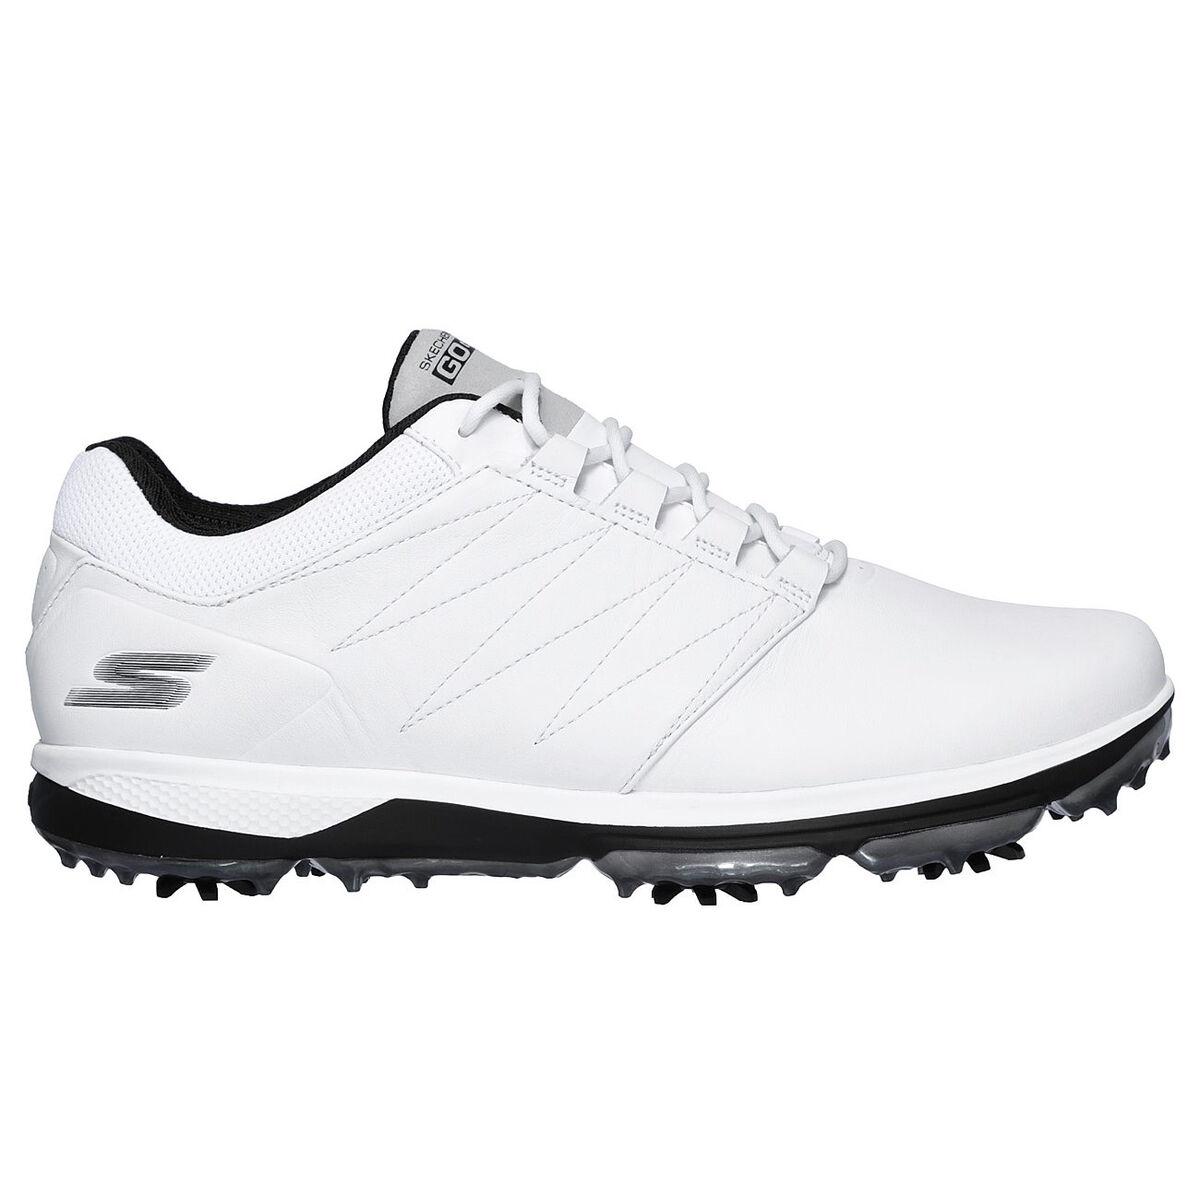 7fb5aadee6 Skechers GO GOLF PRO V.4 Men's Golf Shoe - White/Black   PGA TOUR ...